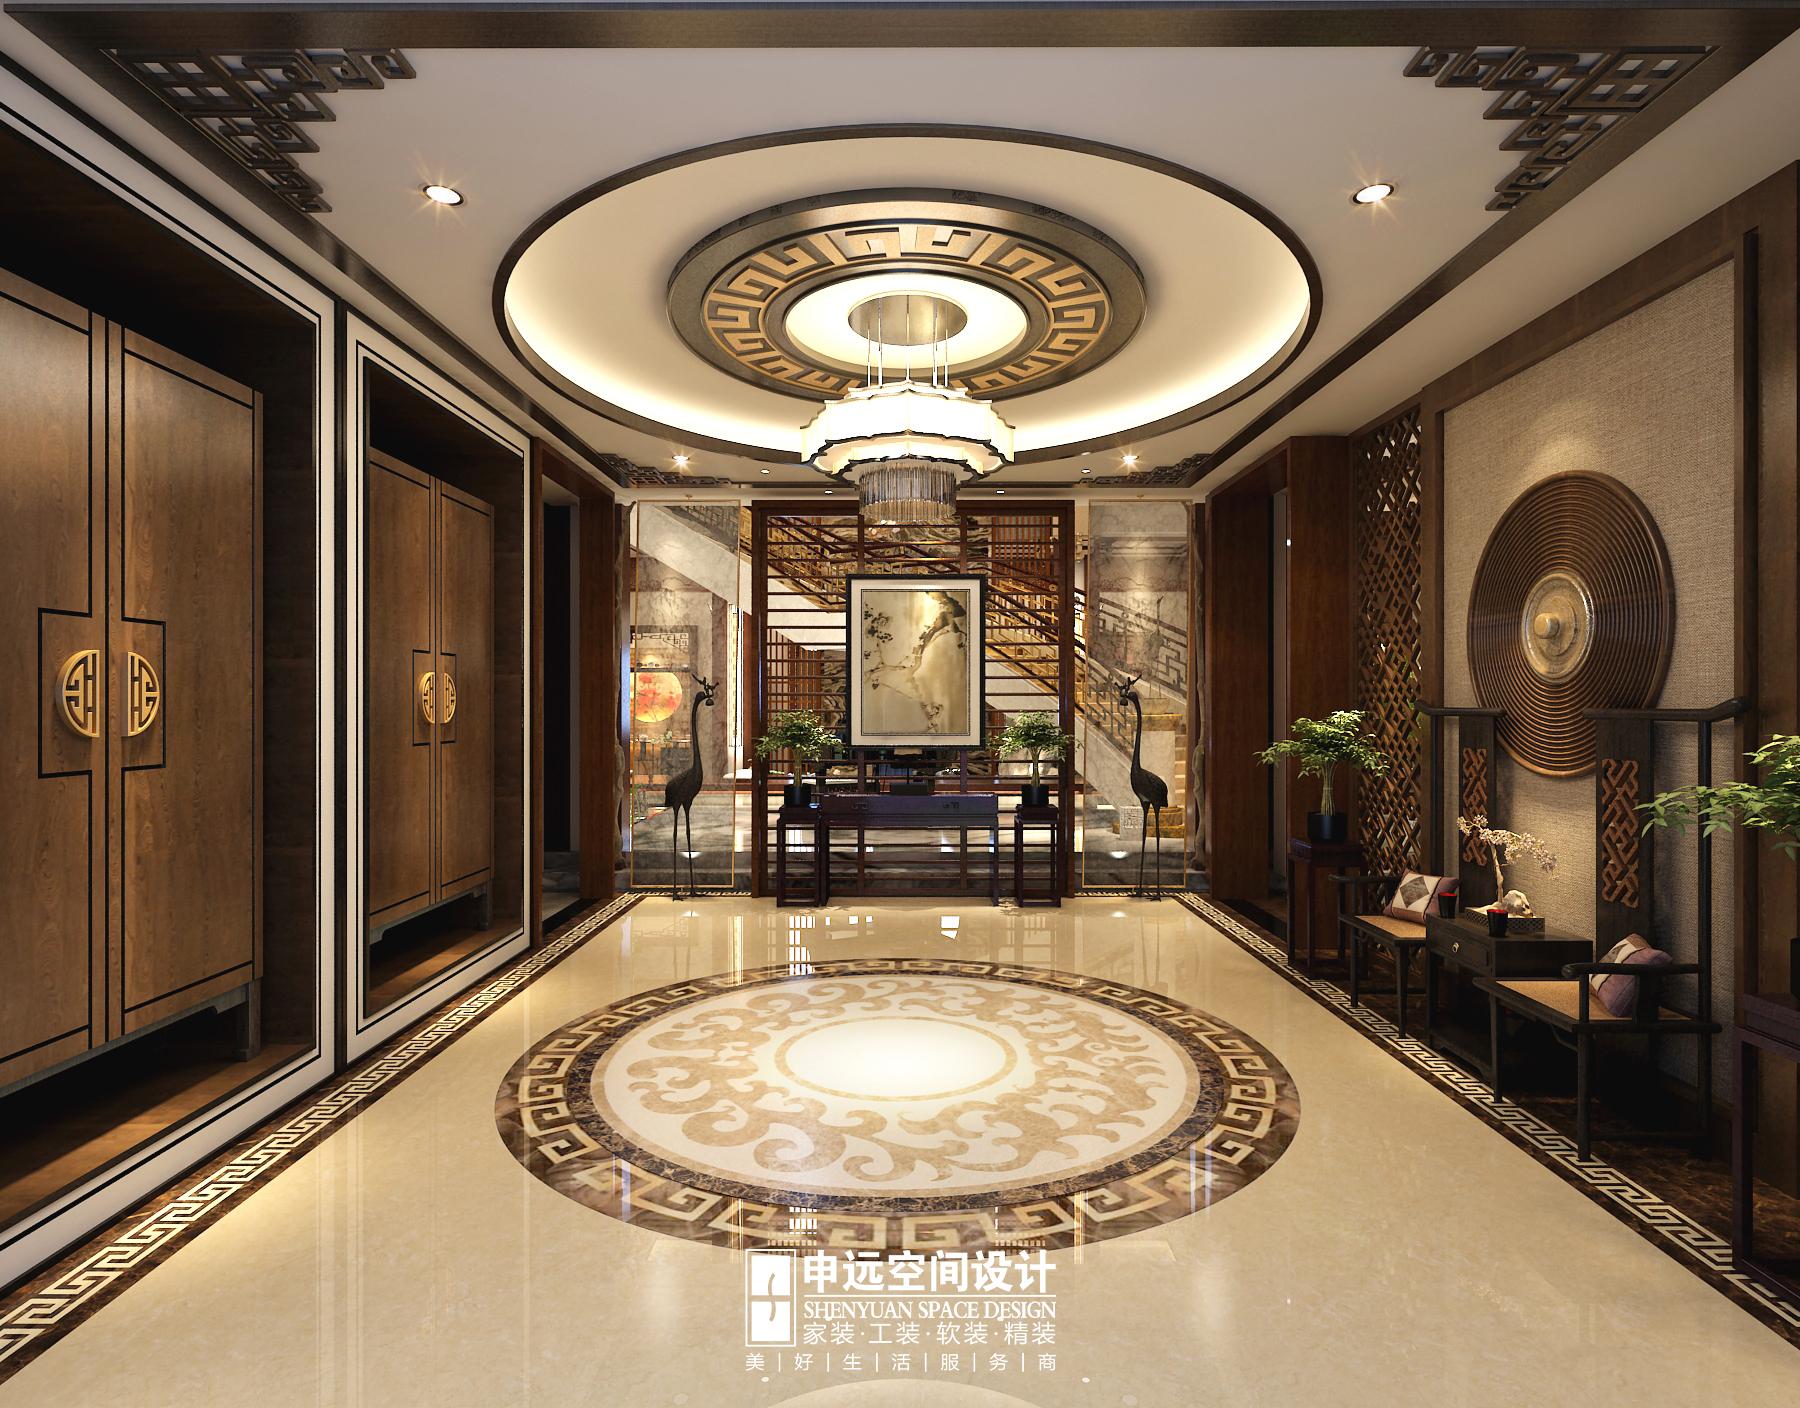 别墅 中式 古典别墅 申远 北京申远 玄关图片来自申远空间设计北京分公司在北京申远-古典中式风格的分享